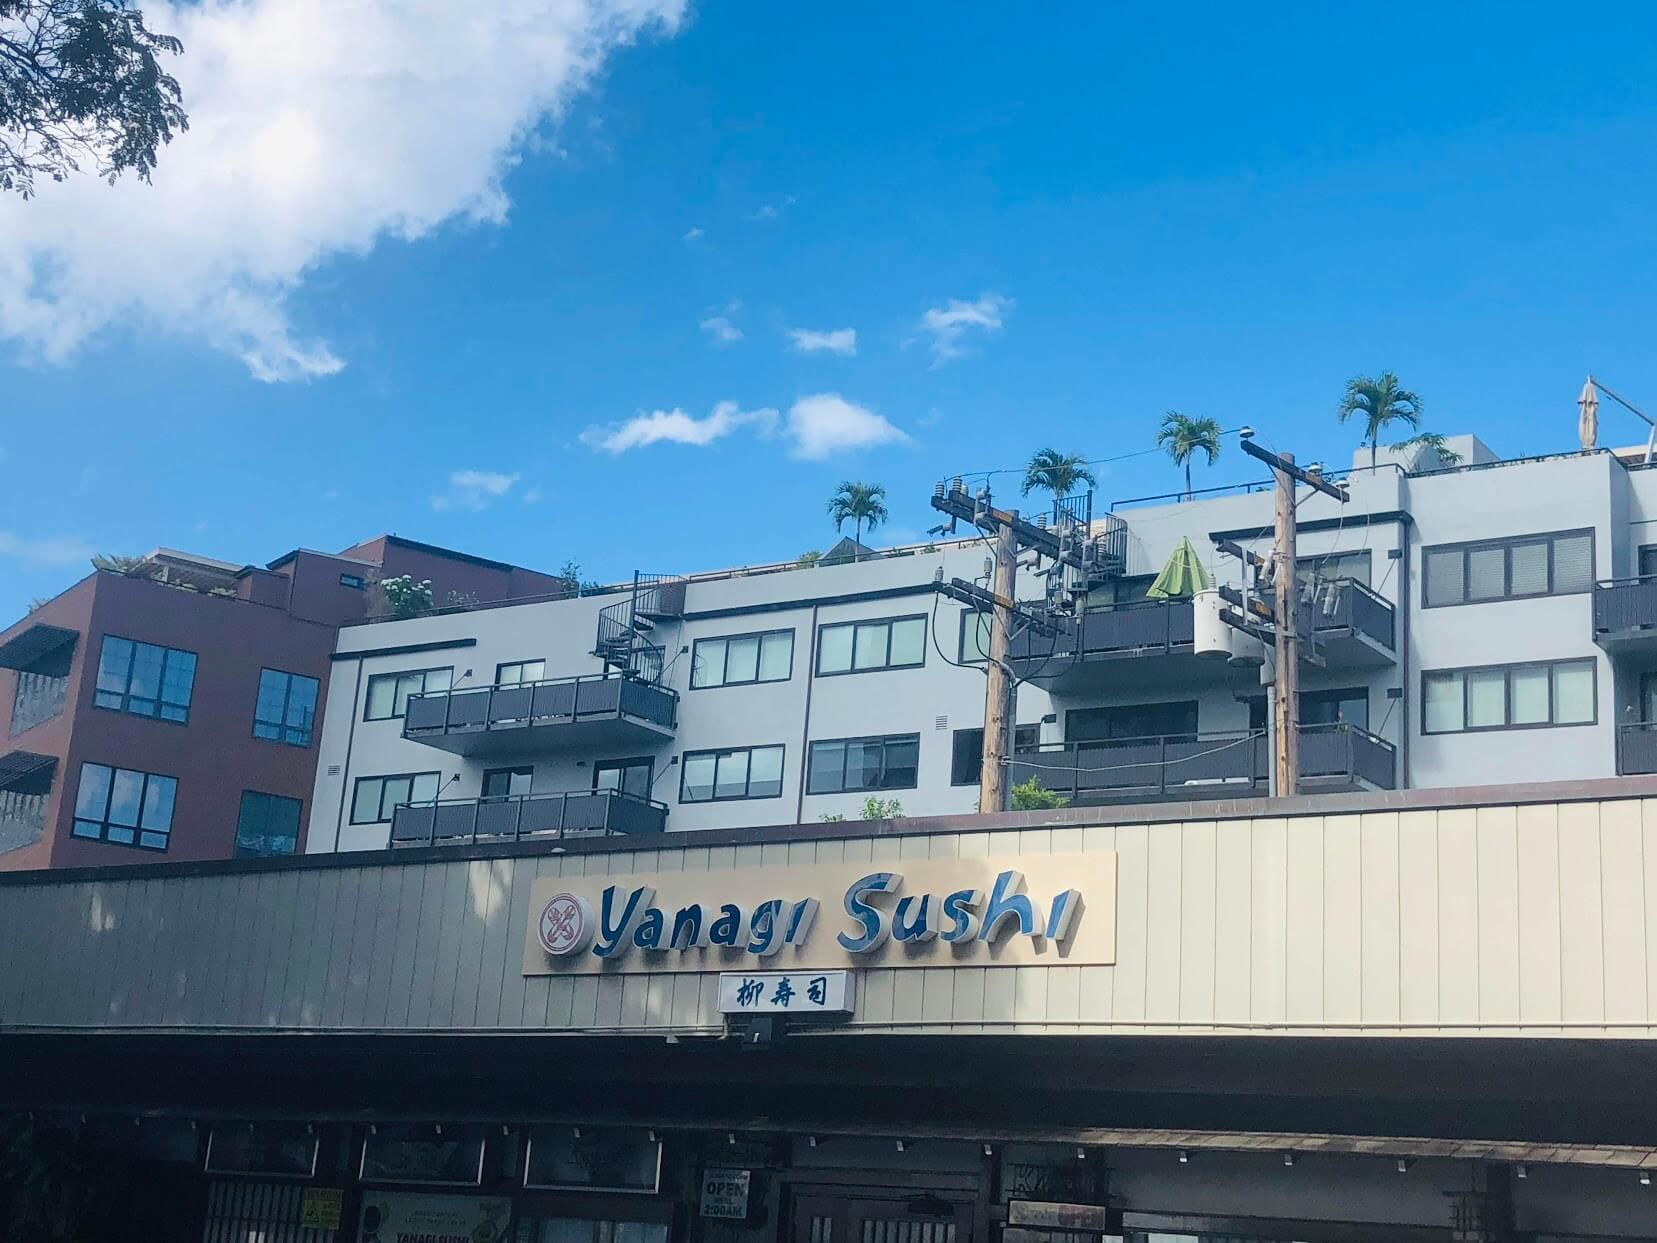 Vangard Loftの寿司屋